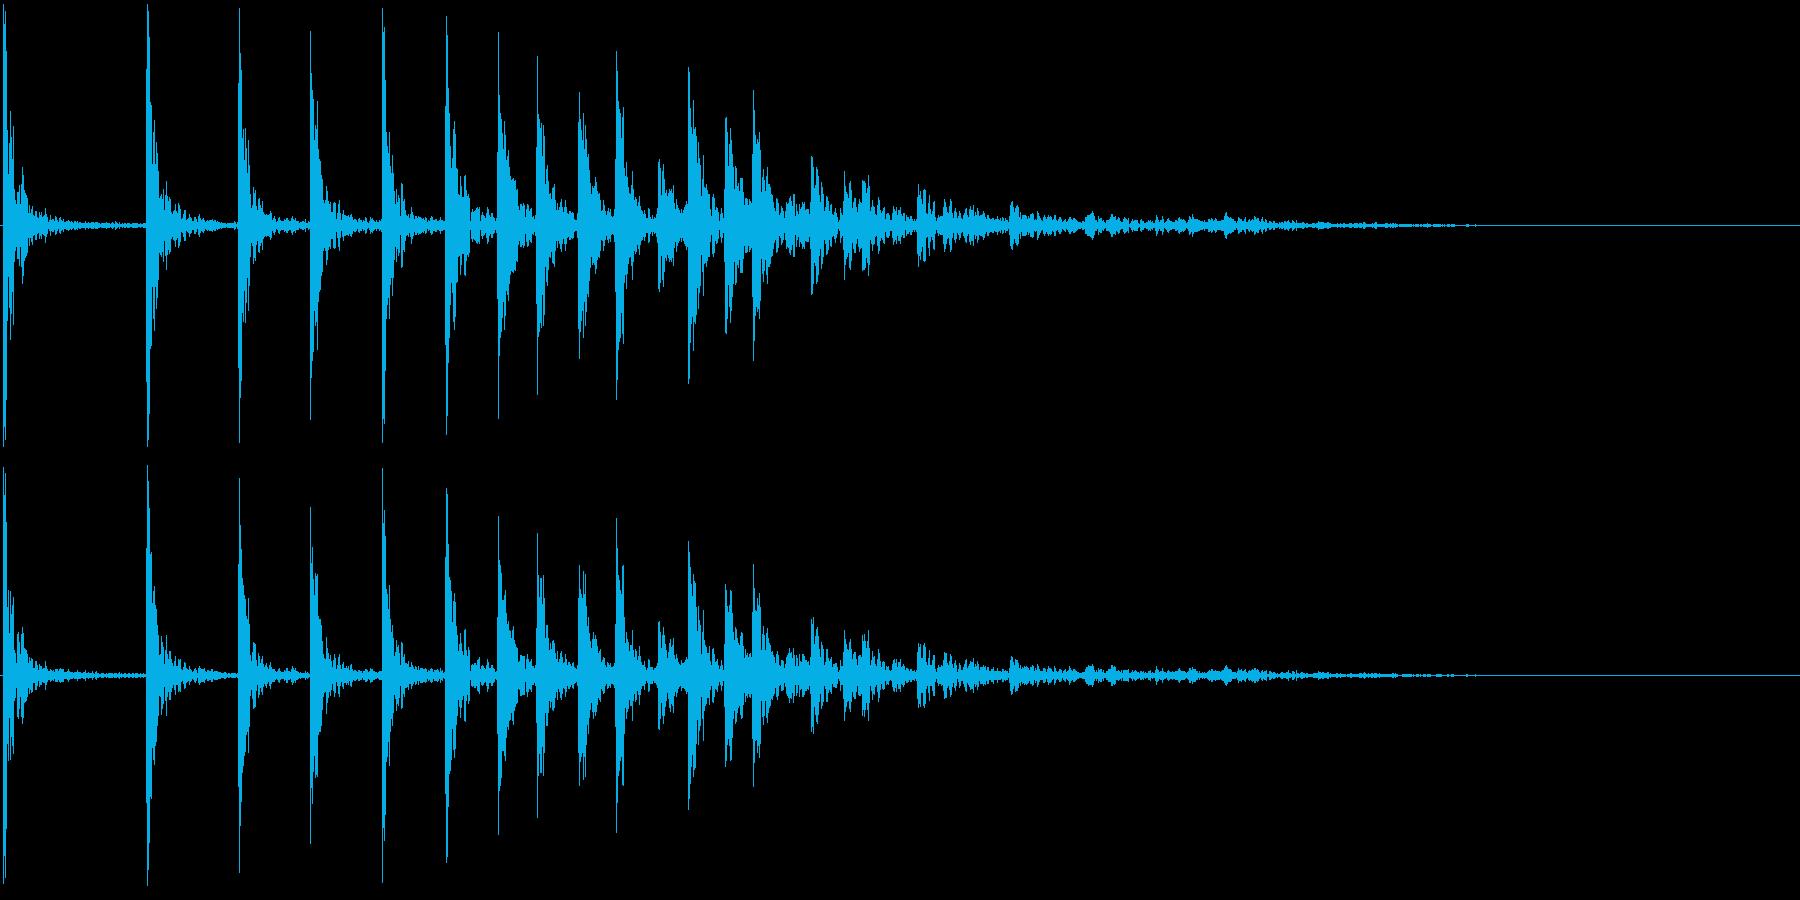 低音:バウンスアクセント、漫画コメ...の再生済みの波形